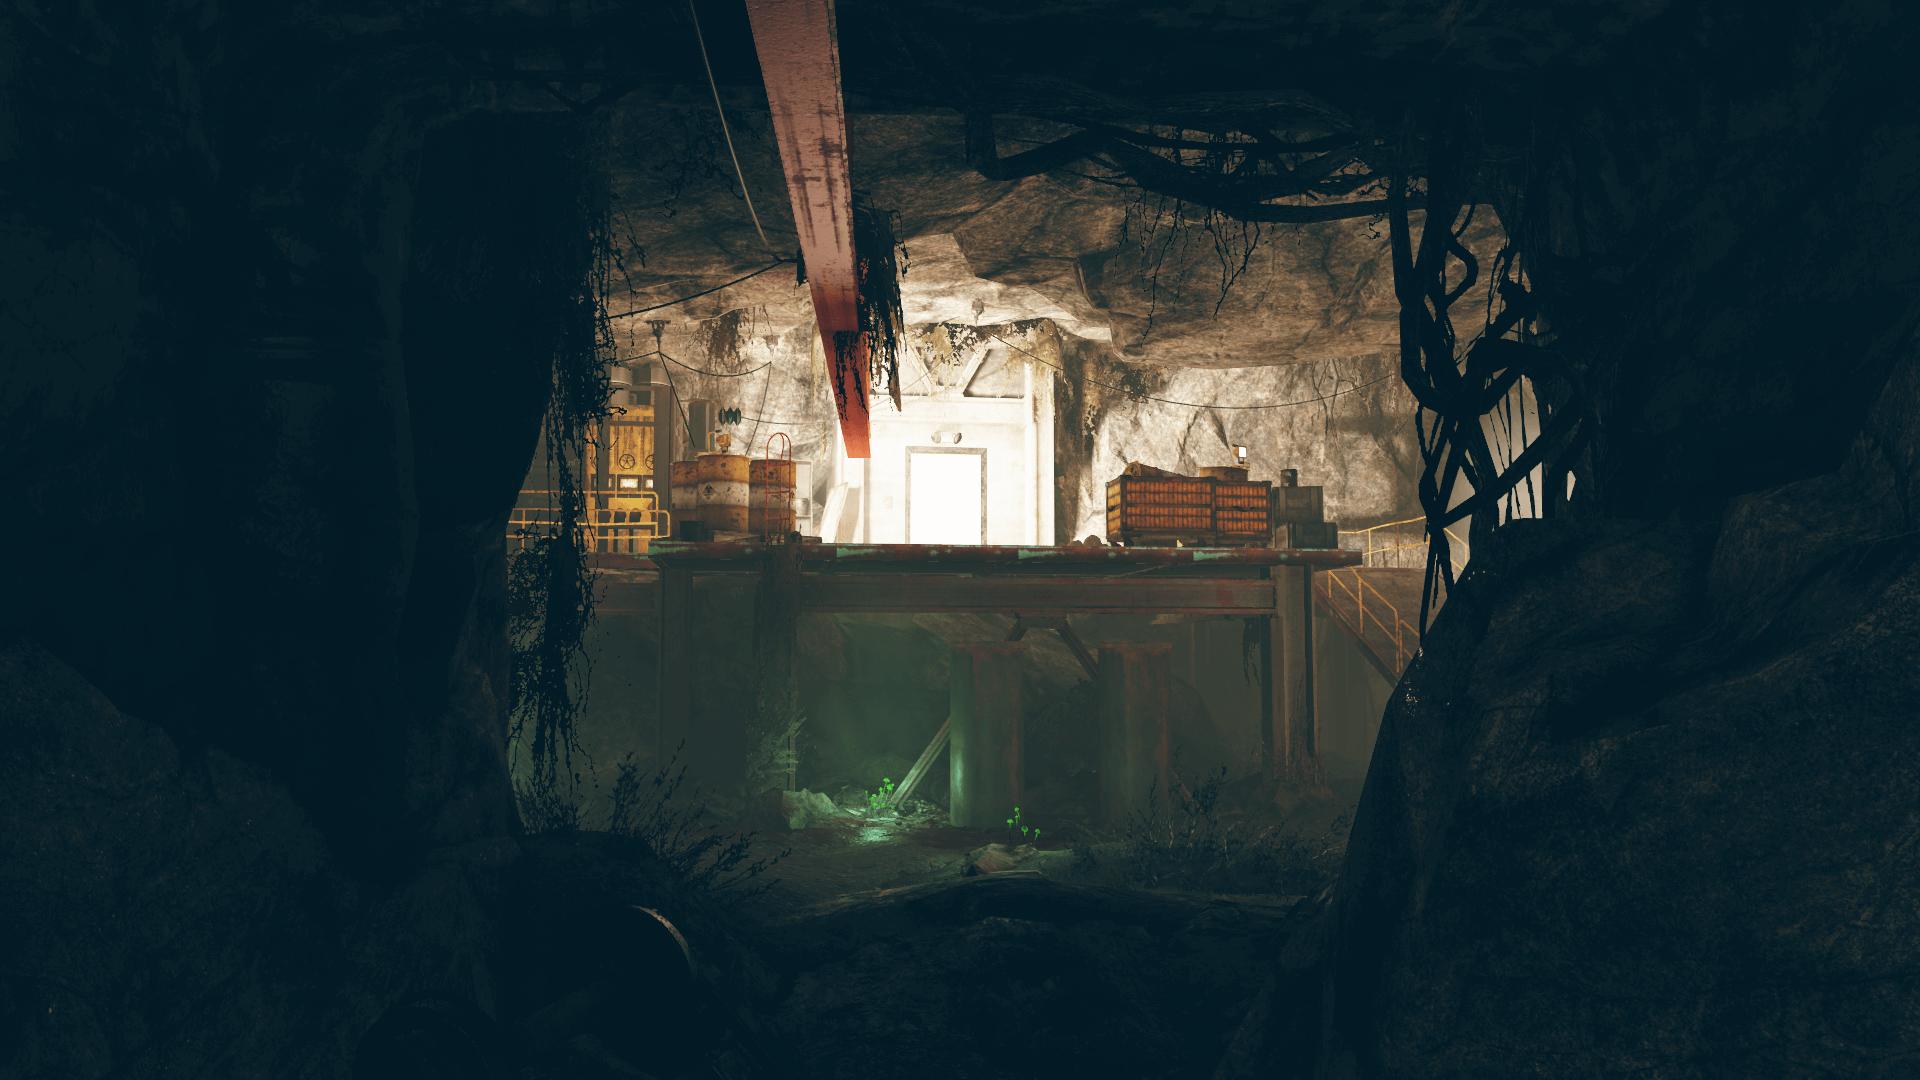 Sam Blackwell's bunker